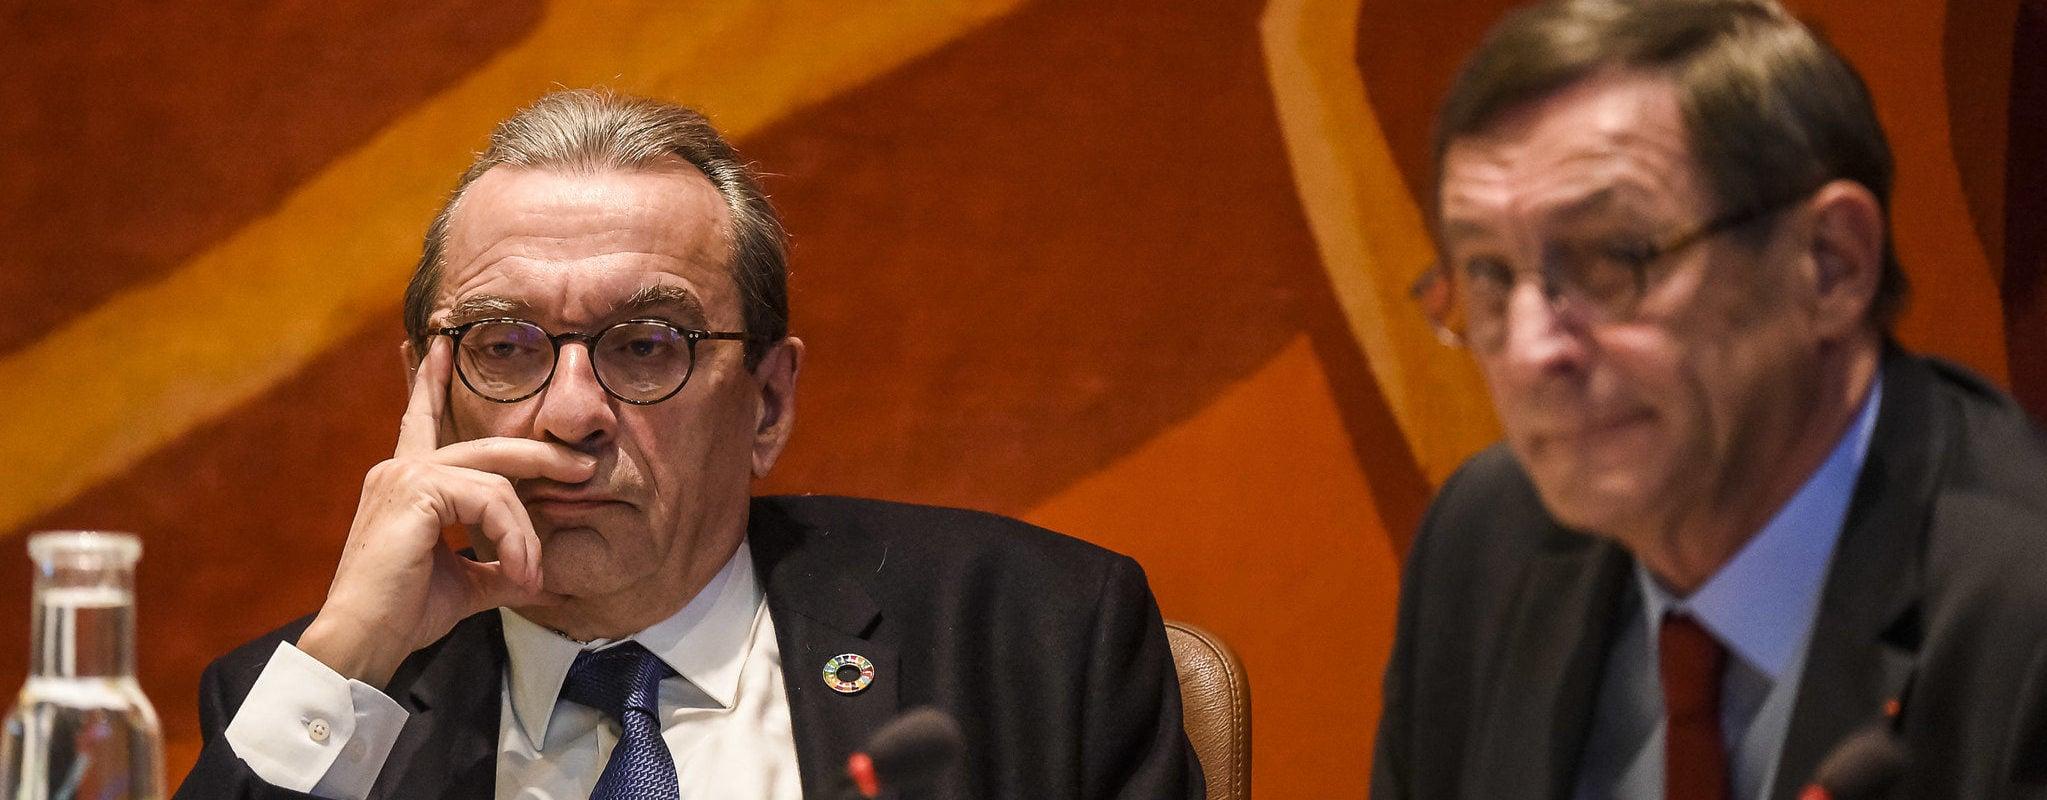 Roland Ries demande à Philippe Bies de «mettre de l'ordre dans son groupe»